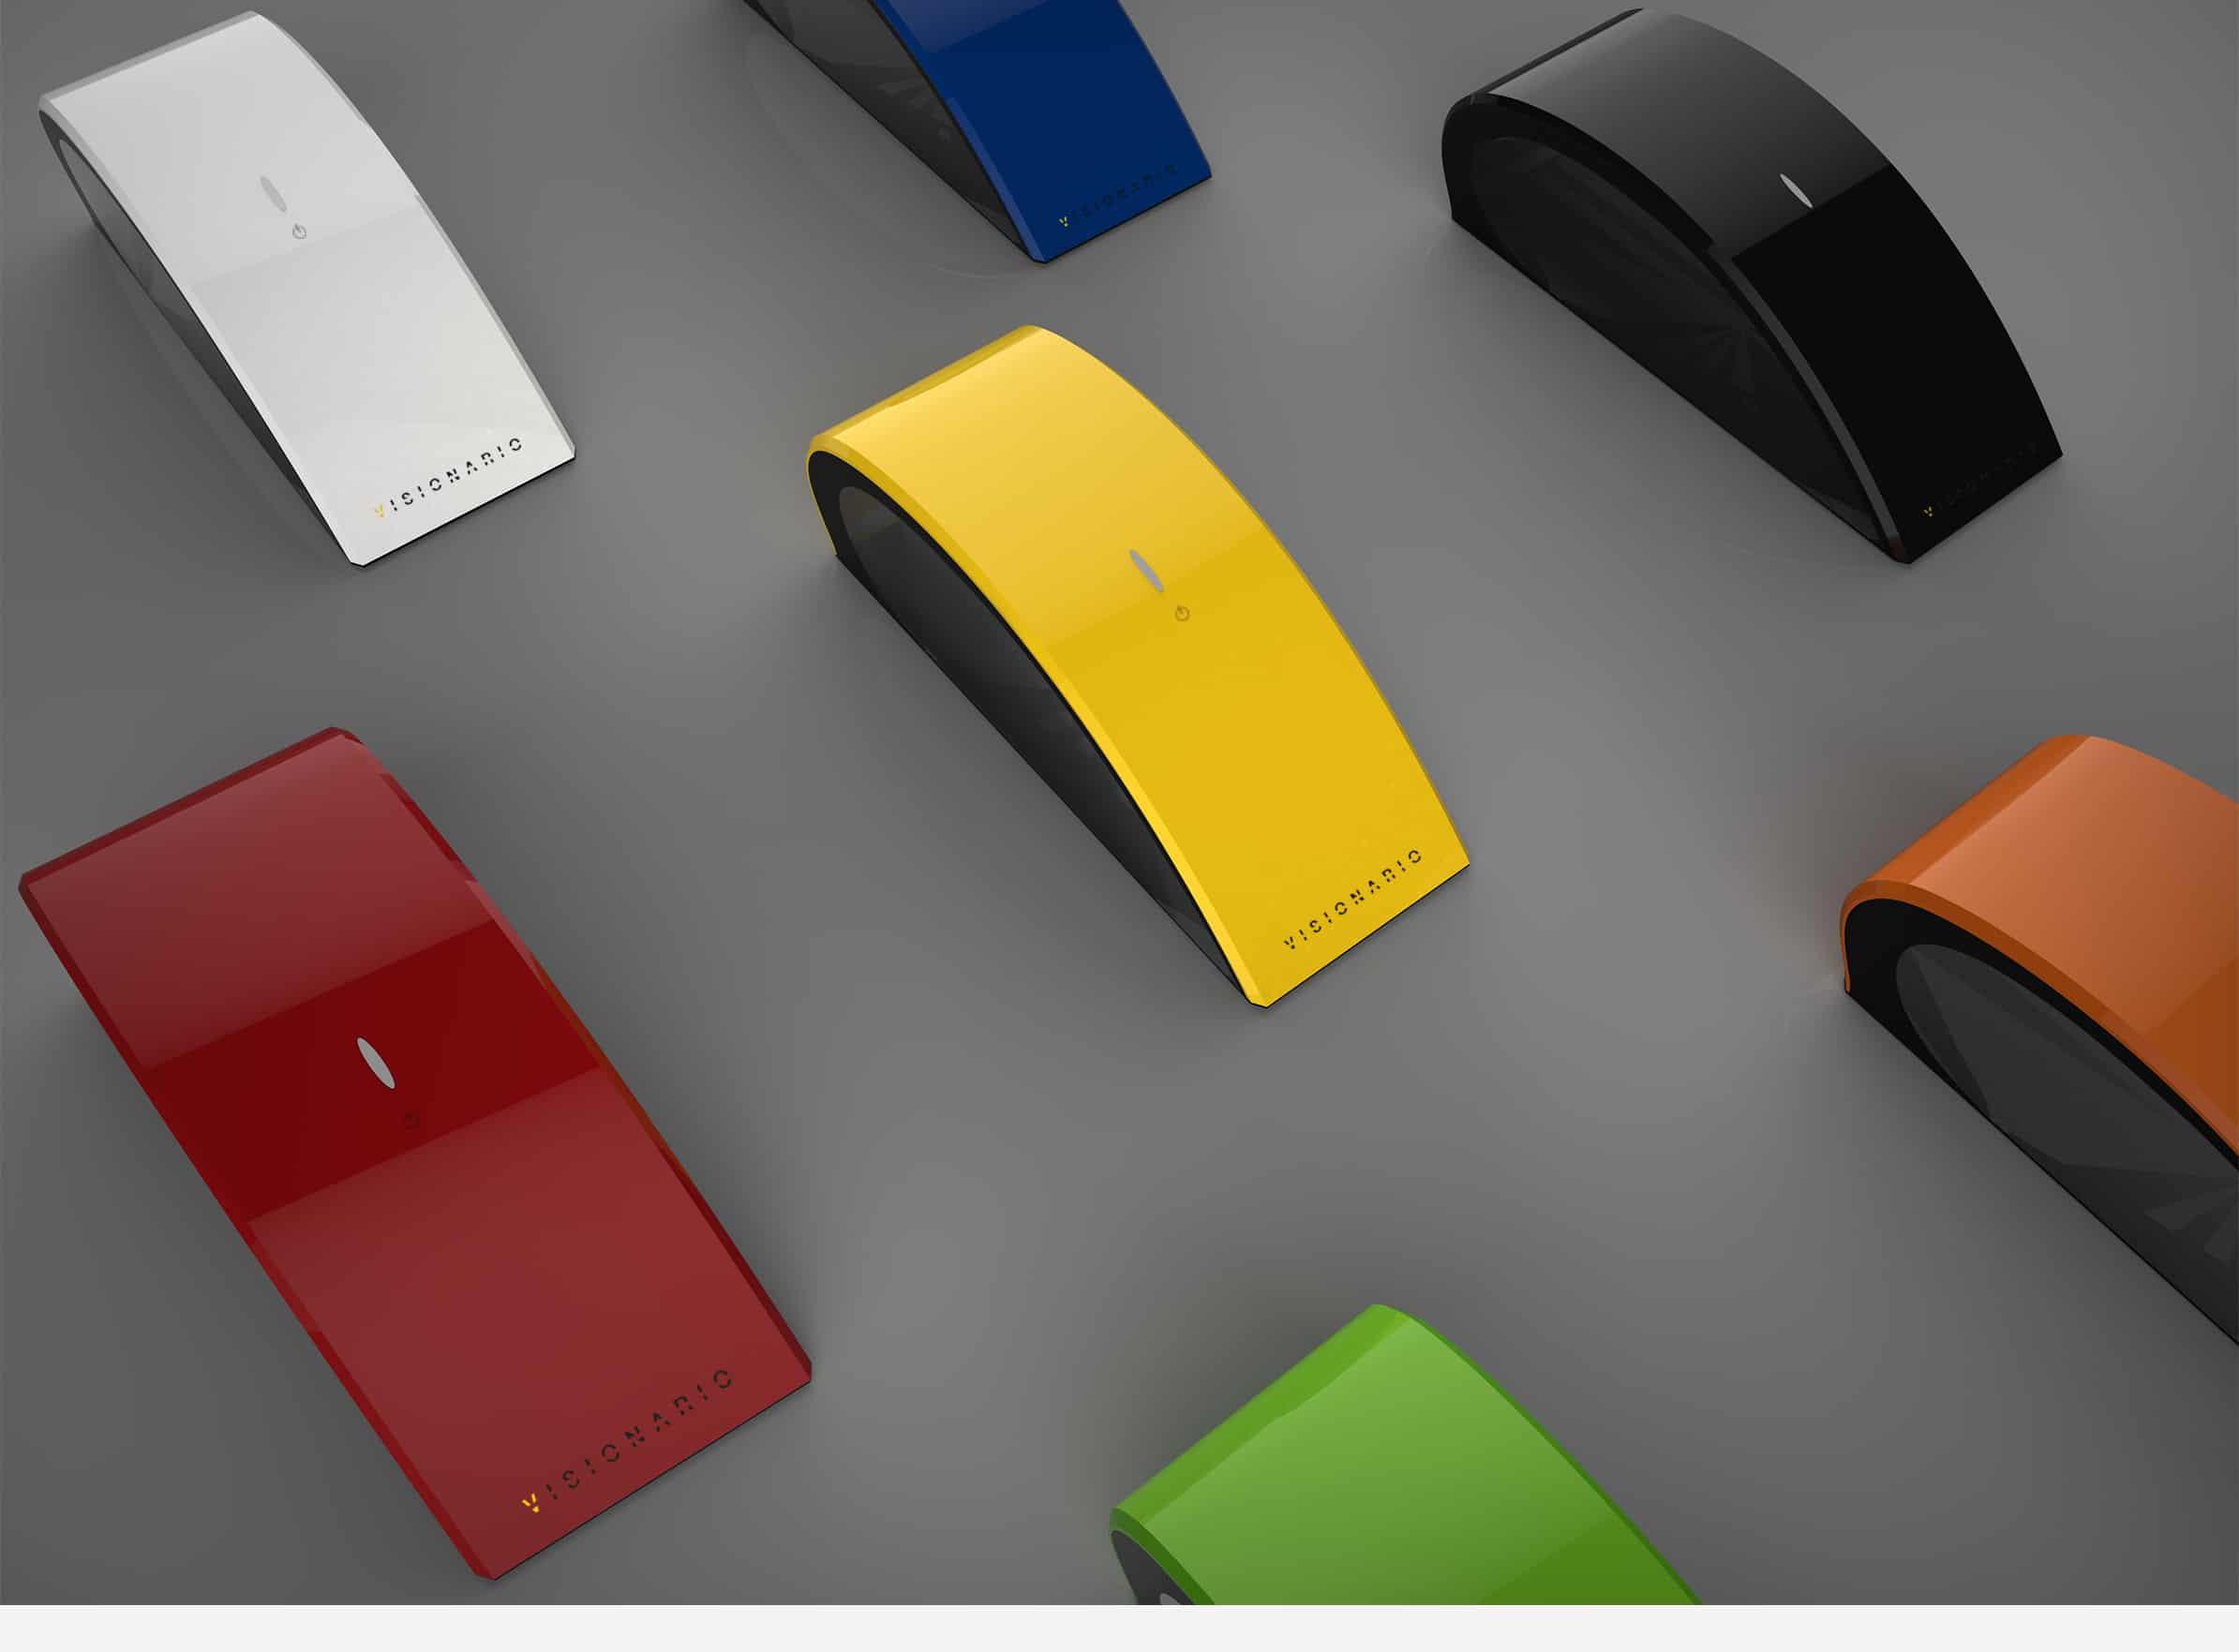 Visionario Speaker Design Ideas